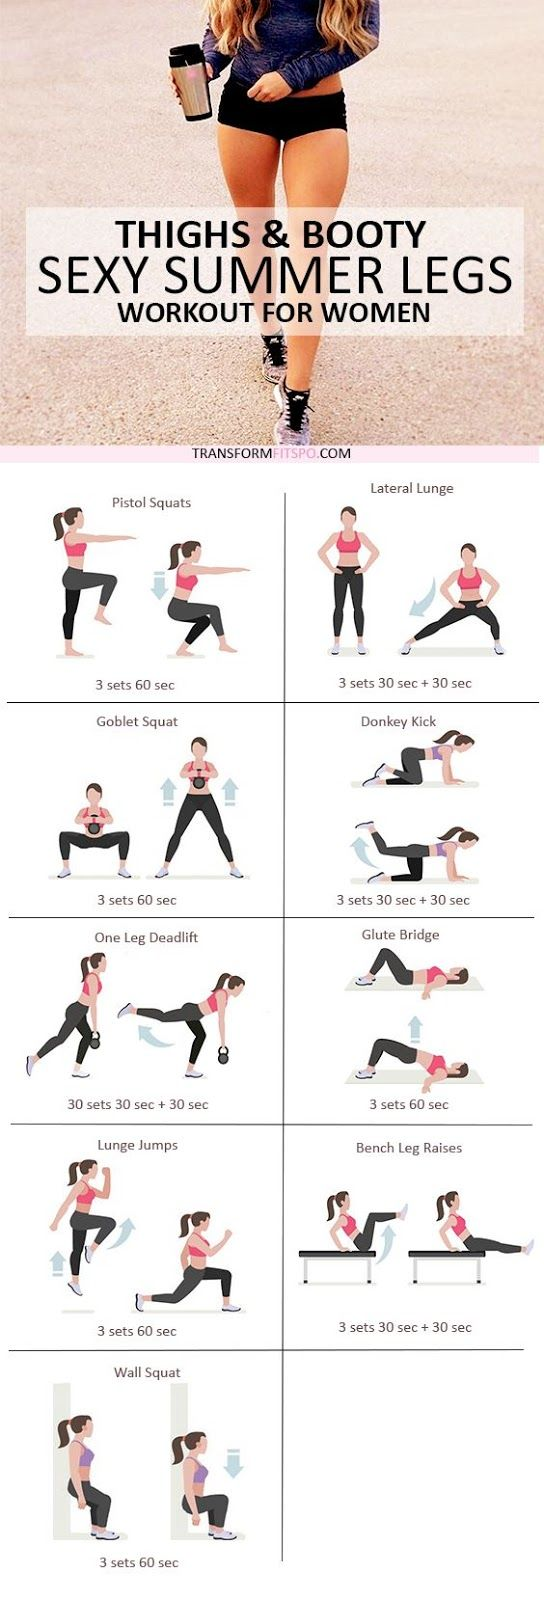 Snel 5 kilo afvallen? Gezond en toch snel afvallen is mogelijk! Tips om slank en gezond te worden.Patty Jansma